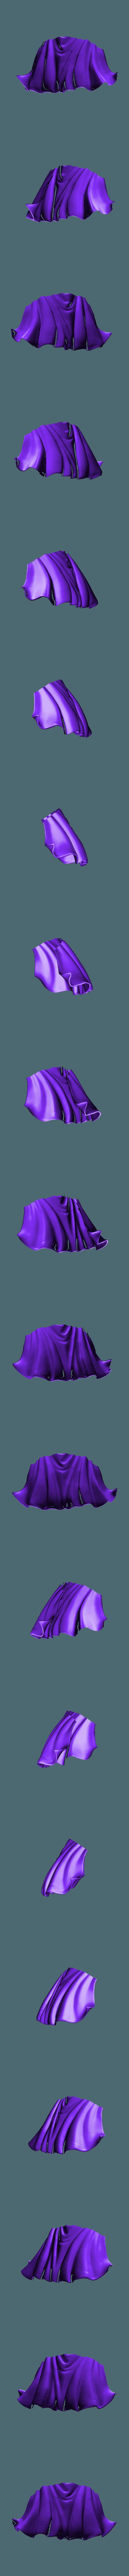 MajinBuu_03.stl Télécharger fichier STL gratuit Buu Dragon Ball Z • Objet pour impression 3D, Gatober